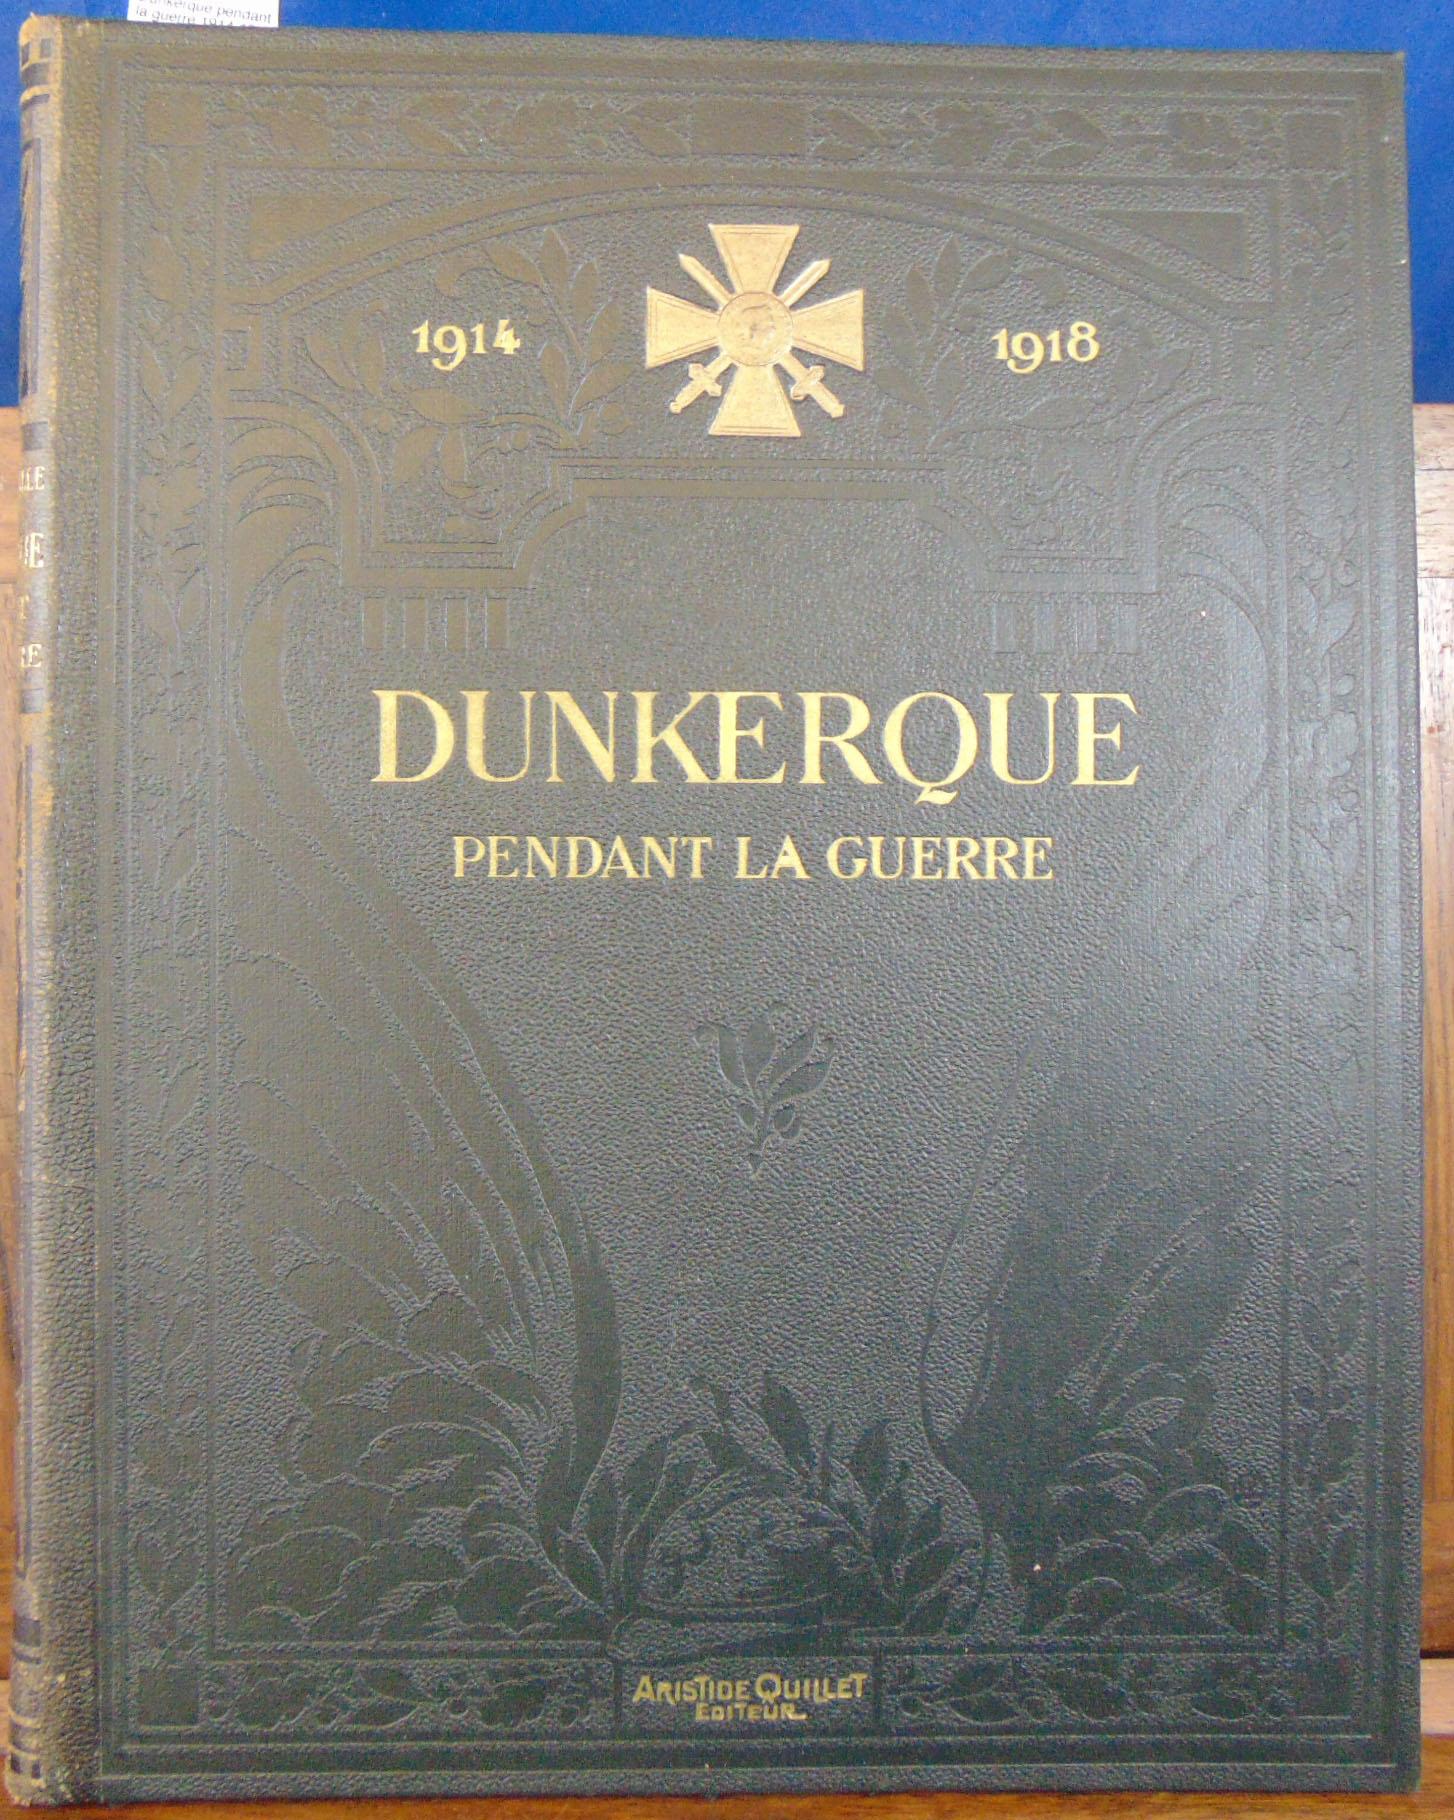 site de rencontre amoureuse gratuit belgique dunkerque